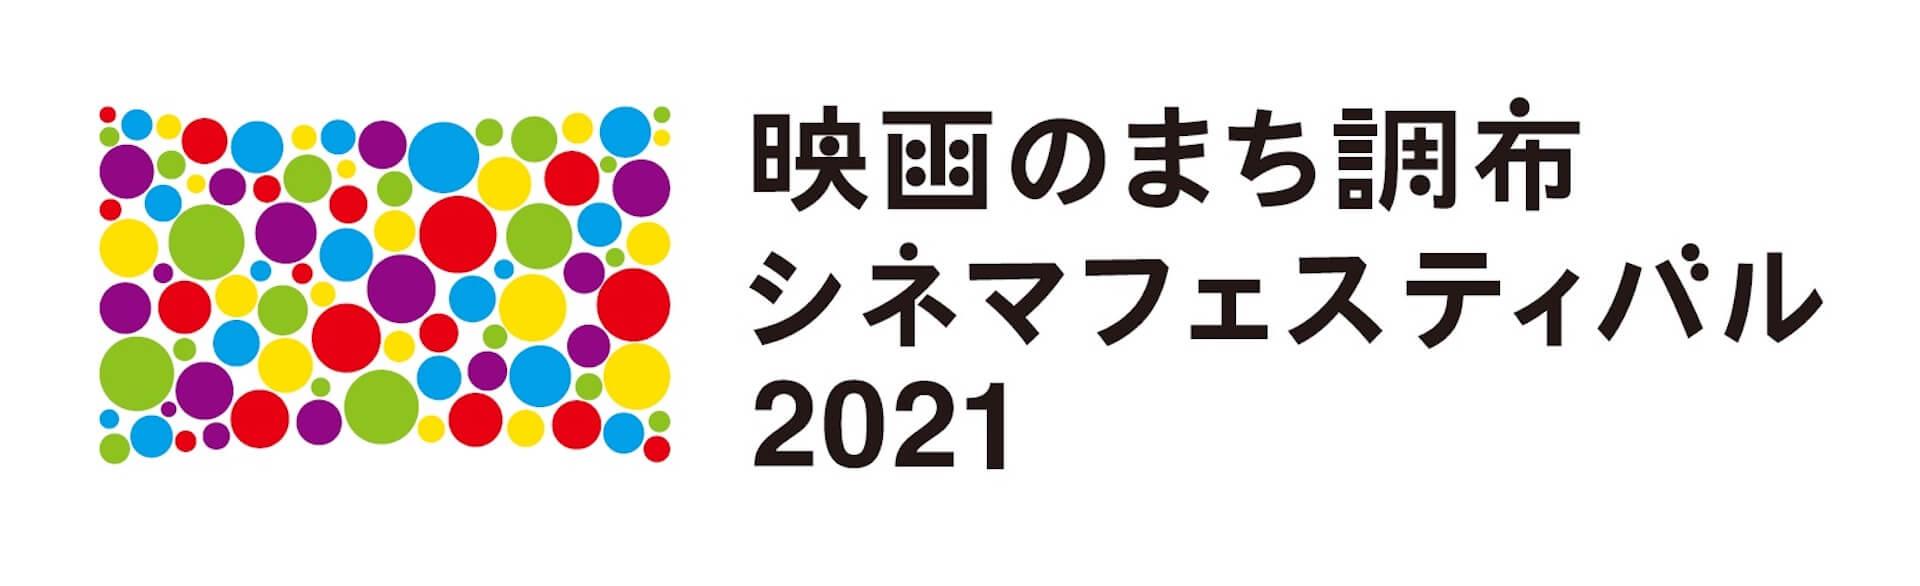 『となりのトトロ』が劇場に帰ってくる!<映画のまち調布 シネマフェスティバル2021>開催で人気作品が上映決定 film201201_chofu_eiga_3